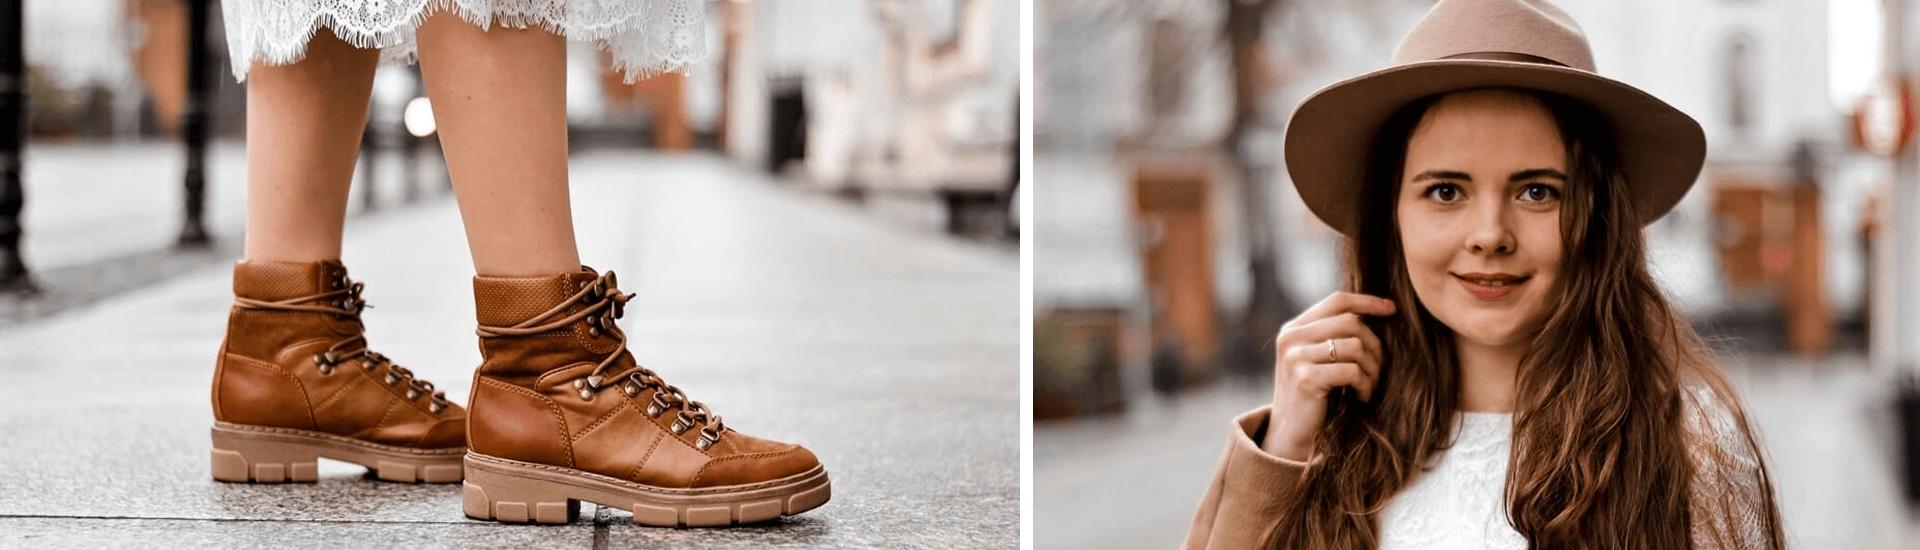 Home Shoelove By Deichmann